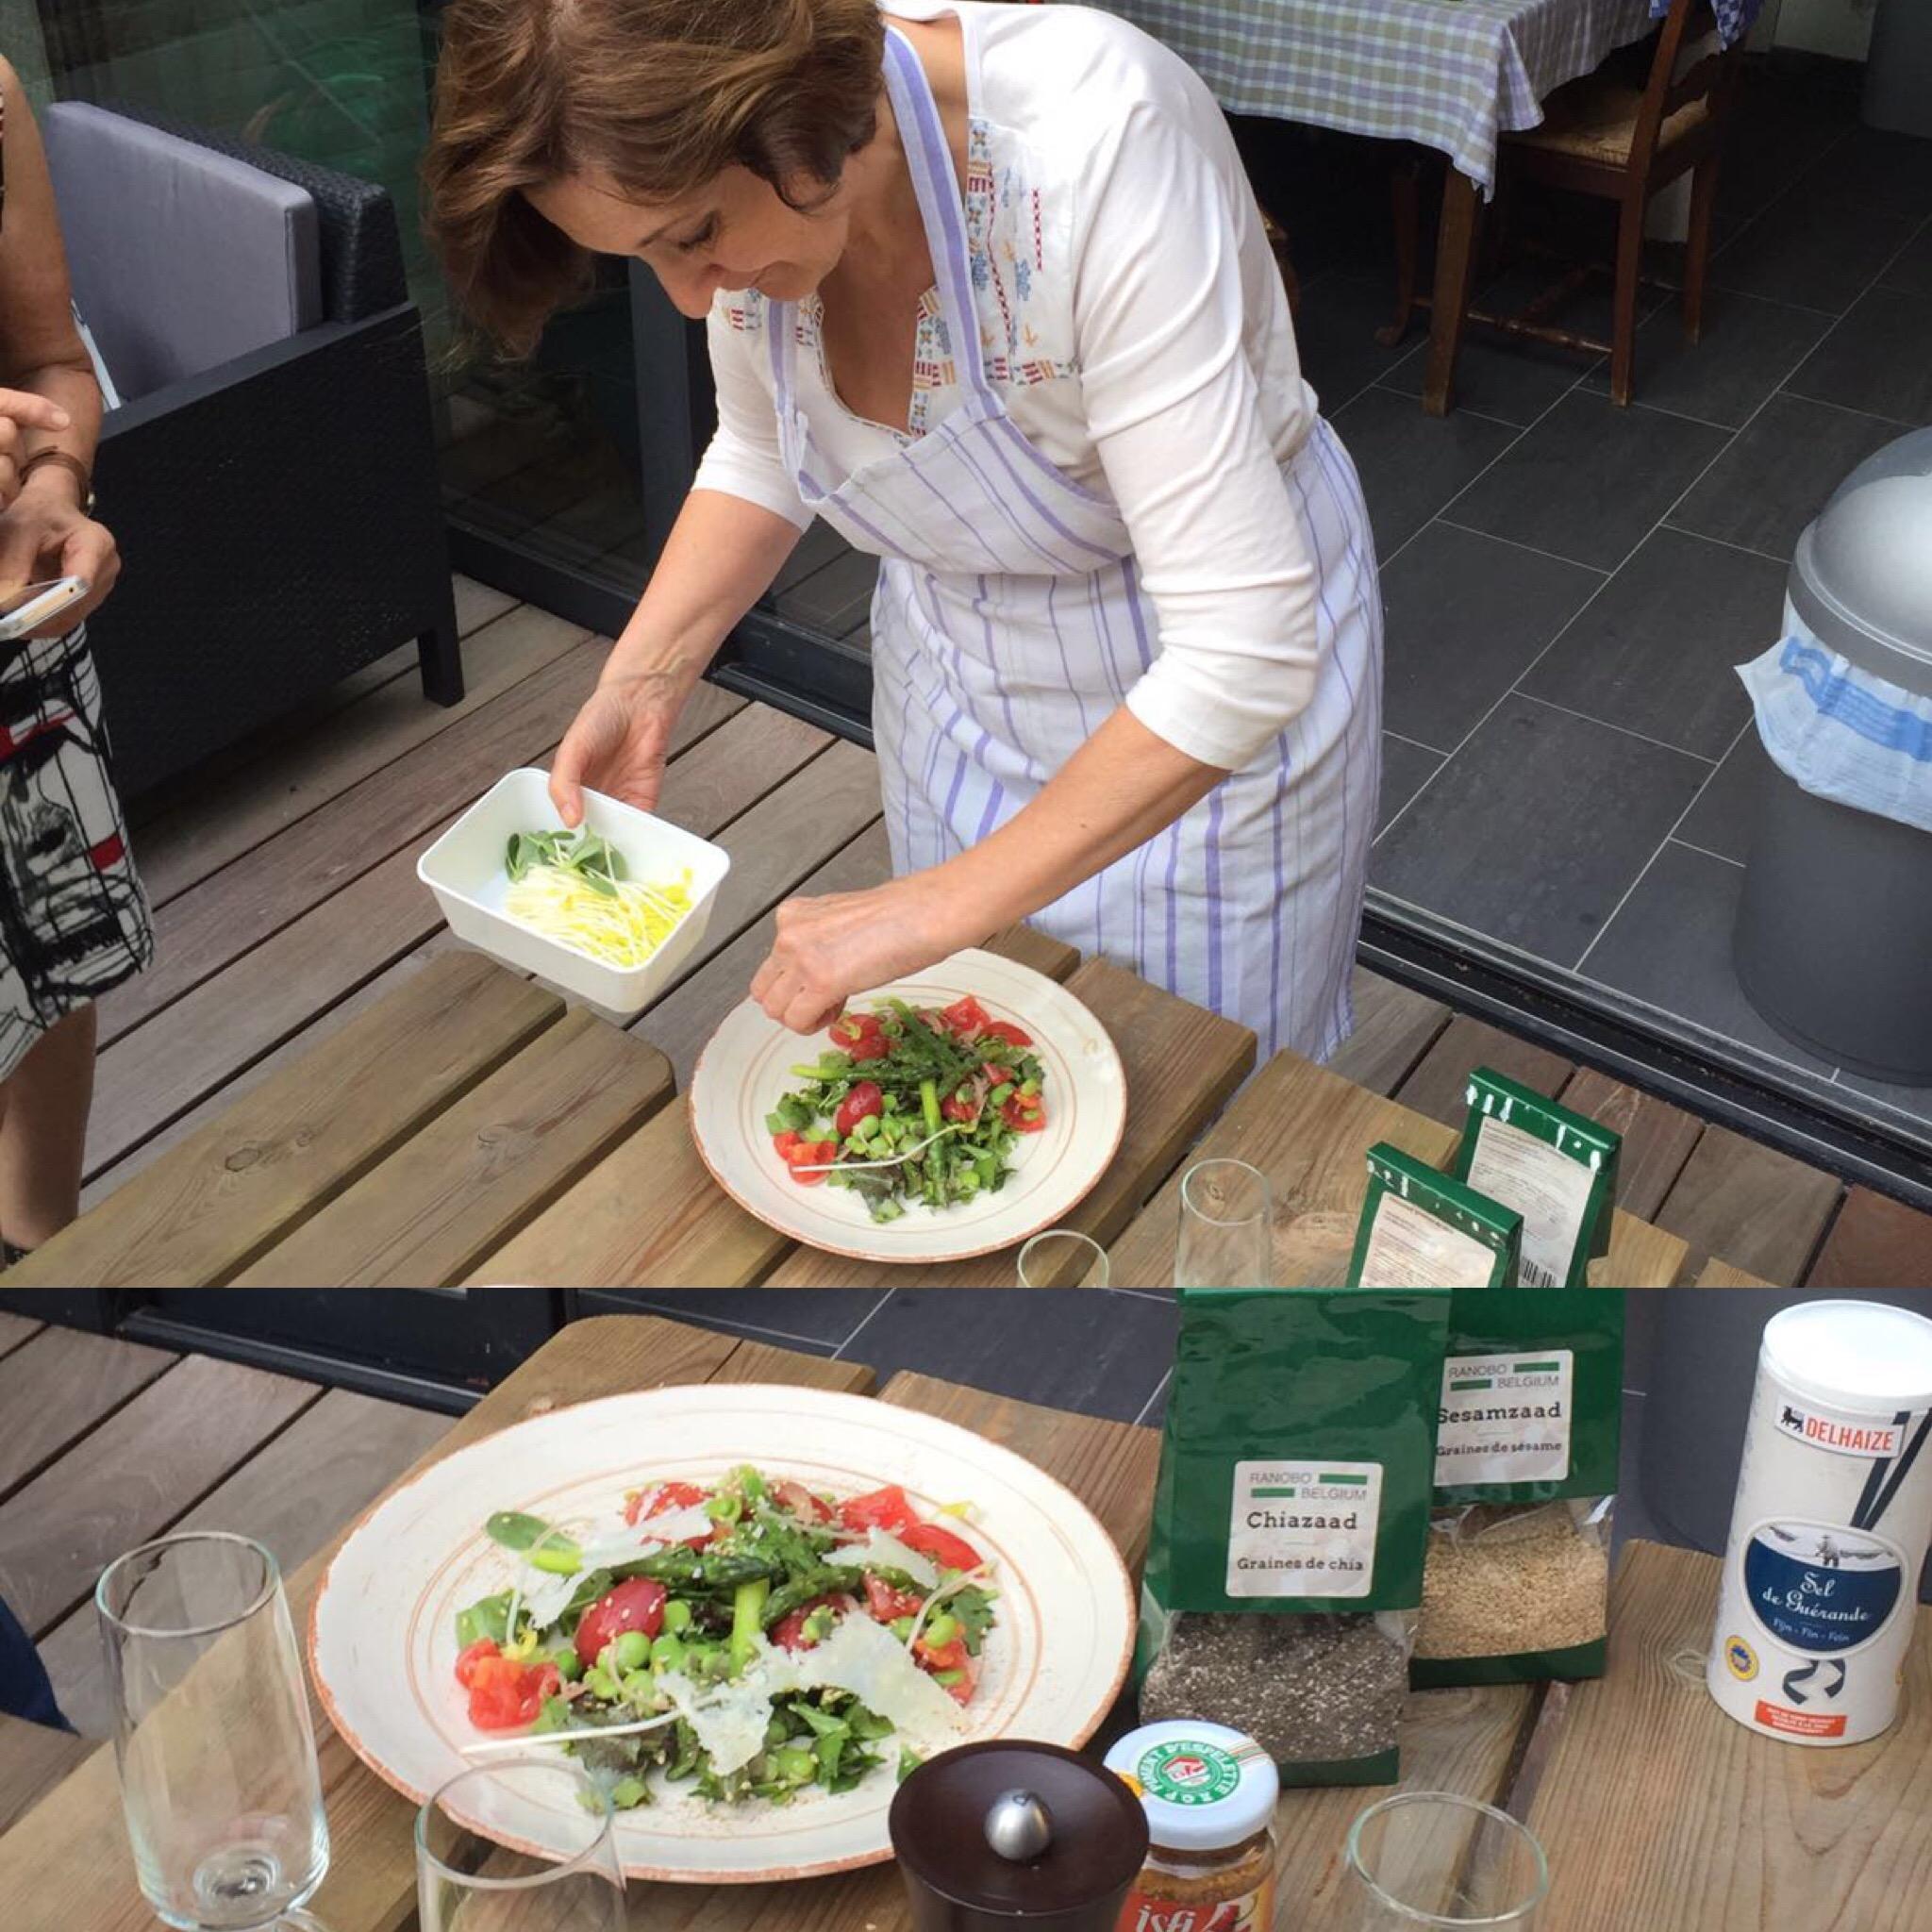 Atelier cuisine pluriel de soins for Atelier cuisine meetic